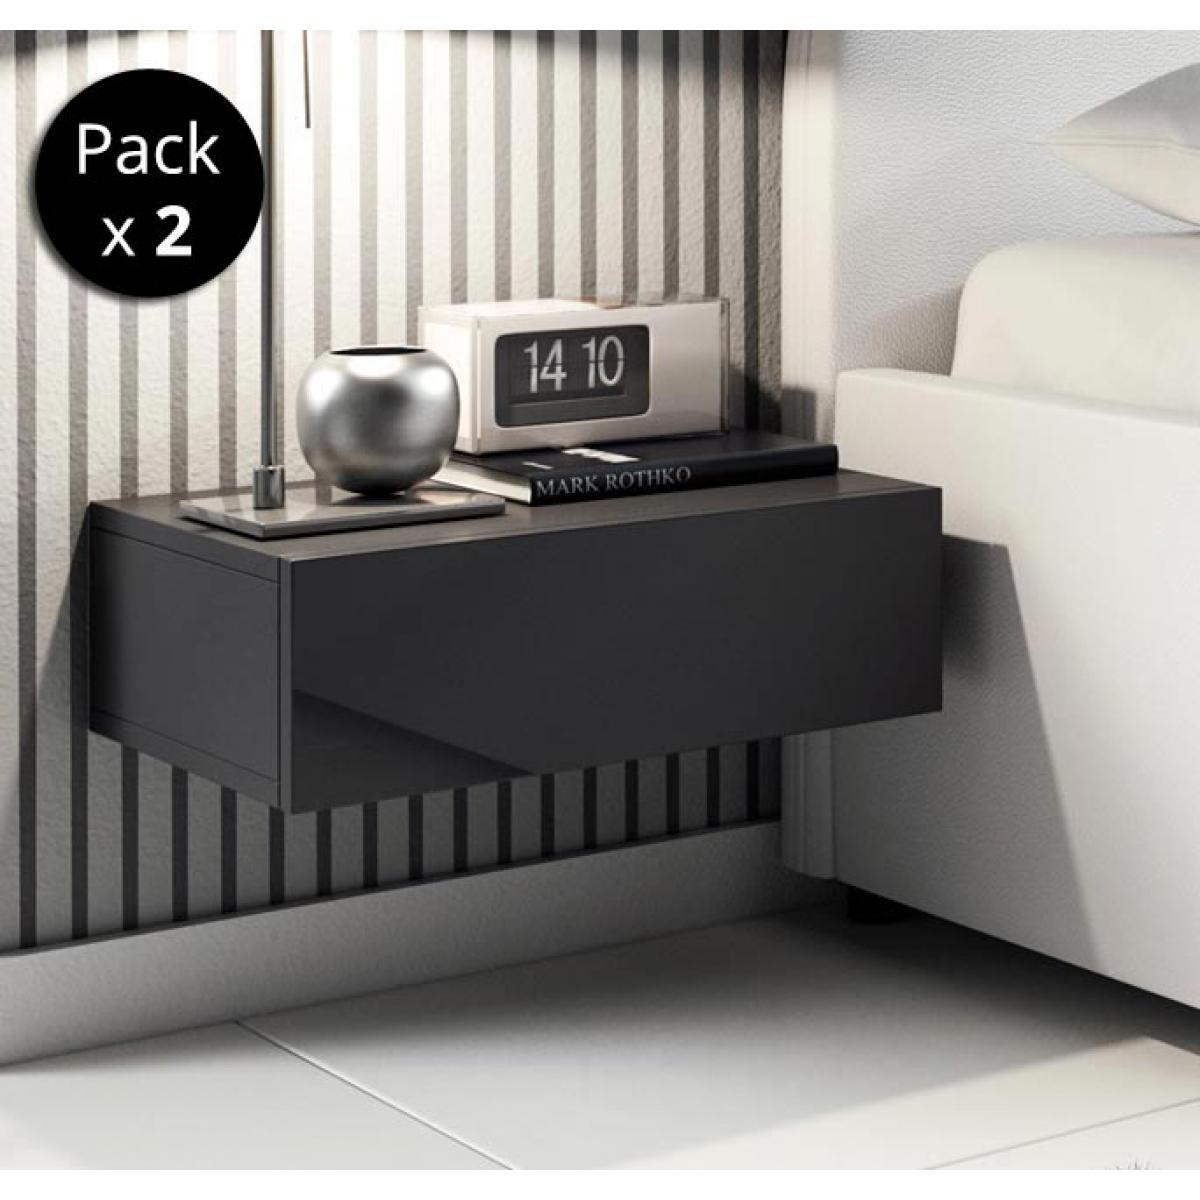 Design Ameublement Pack de 2 tables de chevet Europa couleur noir